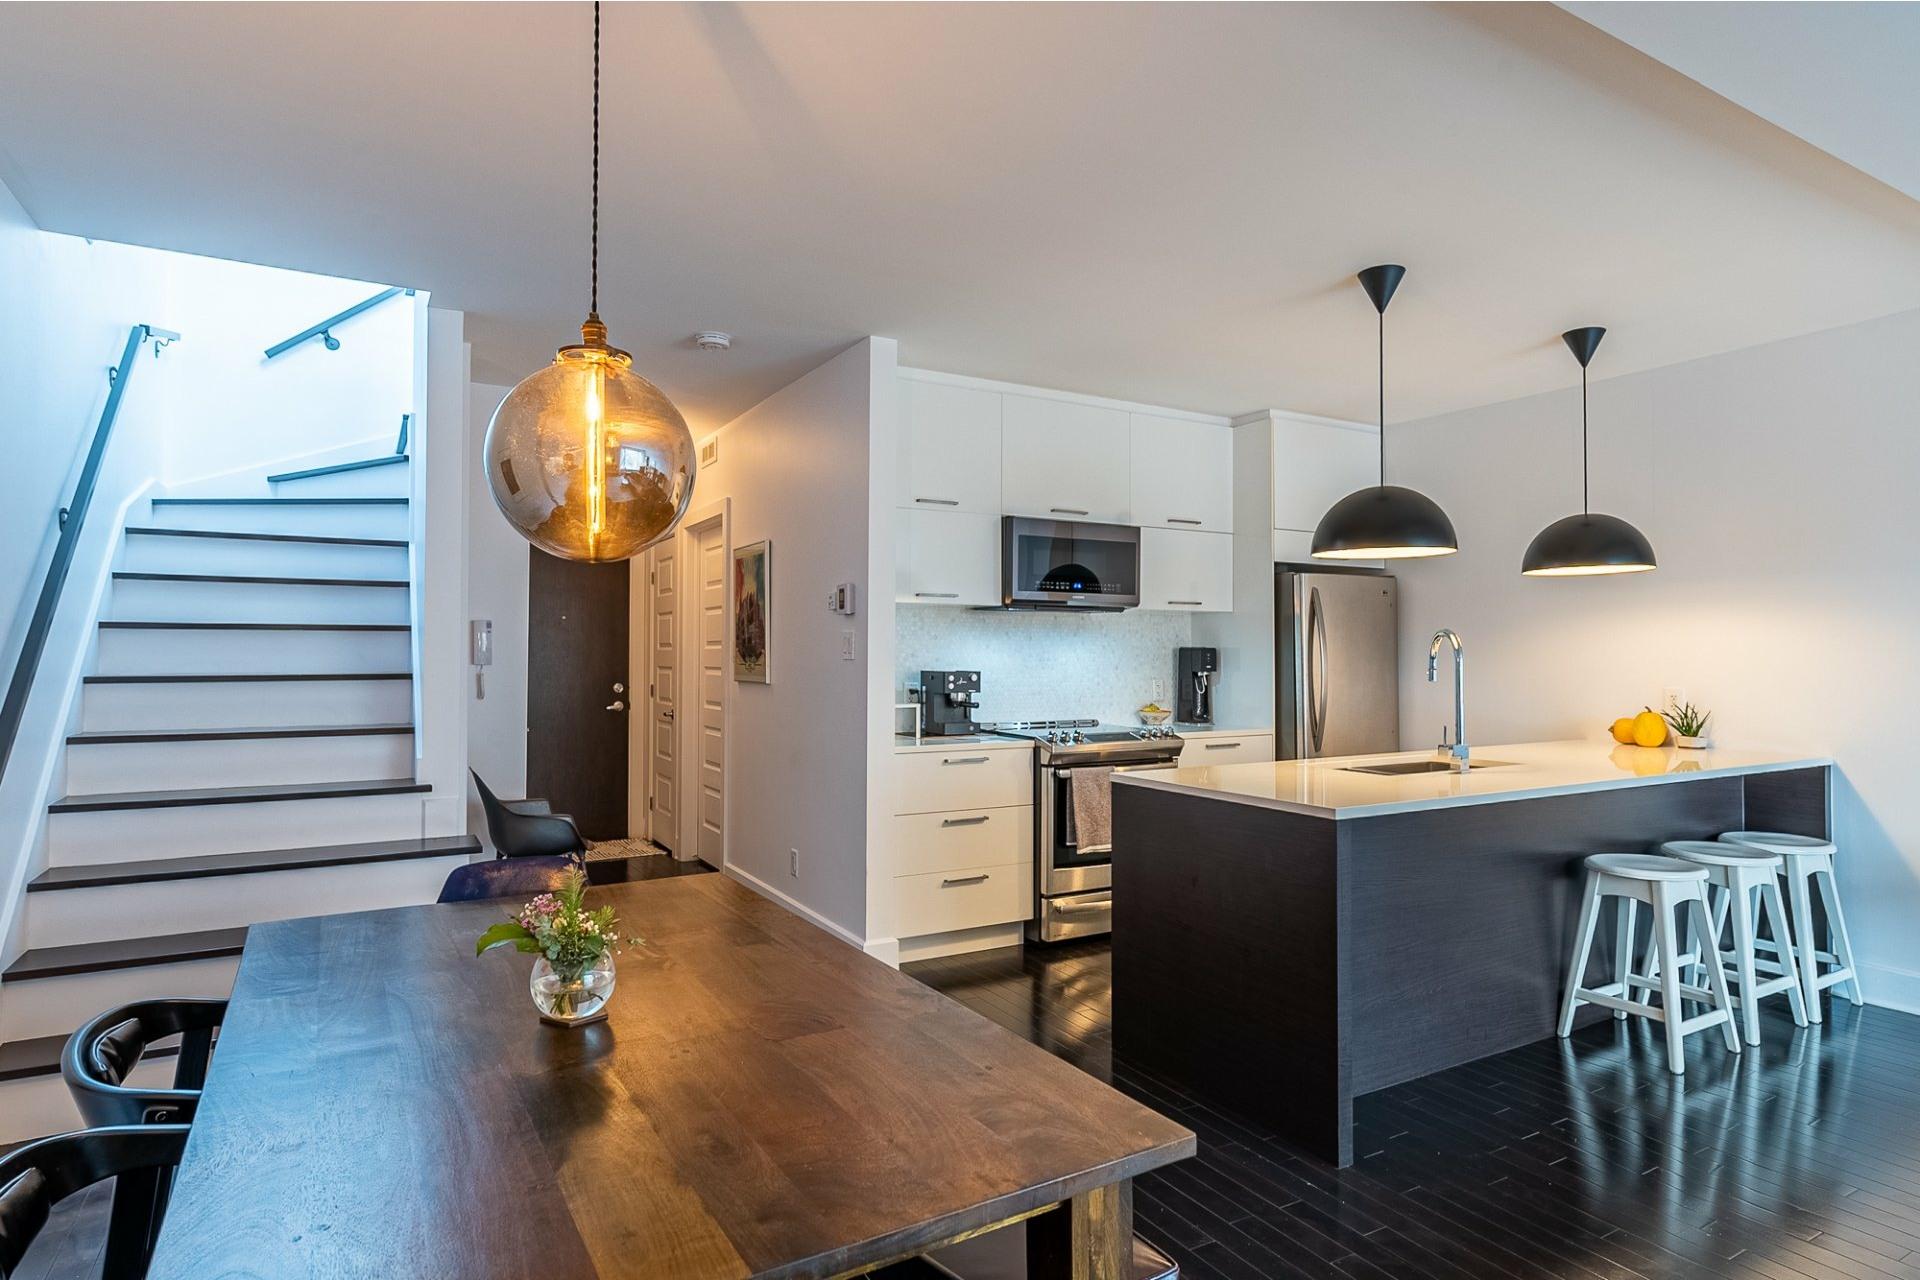 image 5 - Appartement À vendre Rosemont/La Petite-Patrie Montréal  - 5 pièces